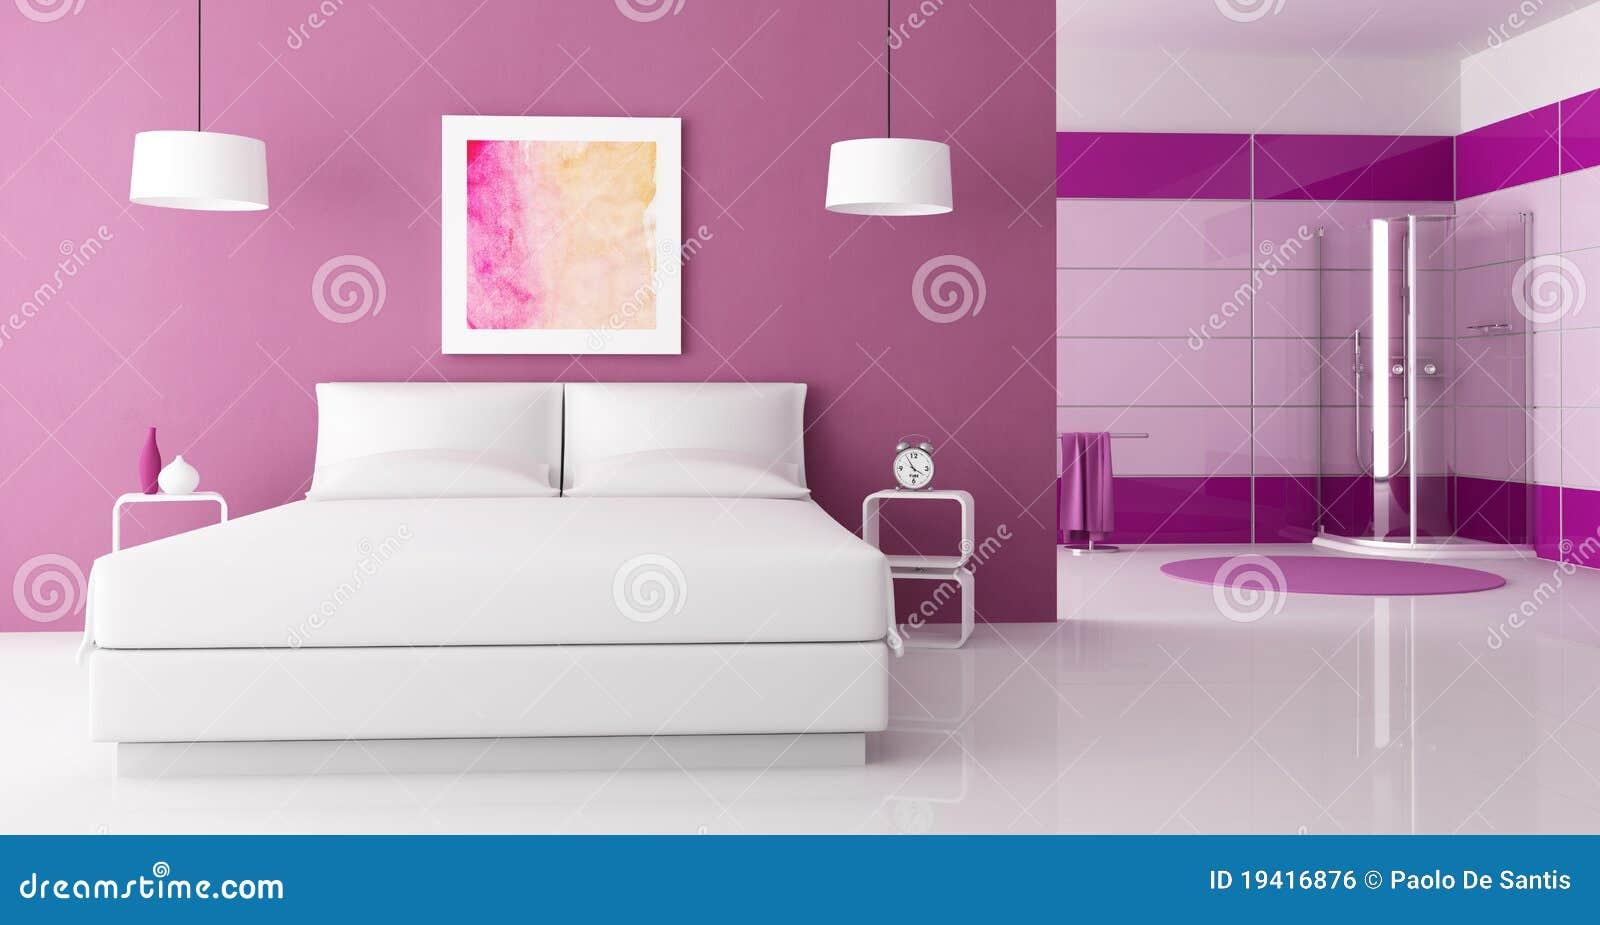 Immagine Stock Libera da Diritti: Camera da letto viola con l ...